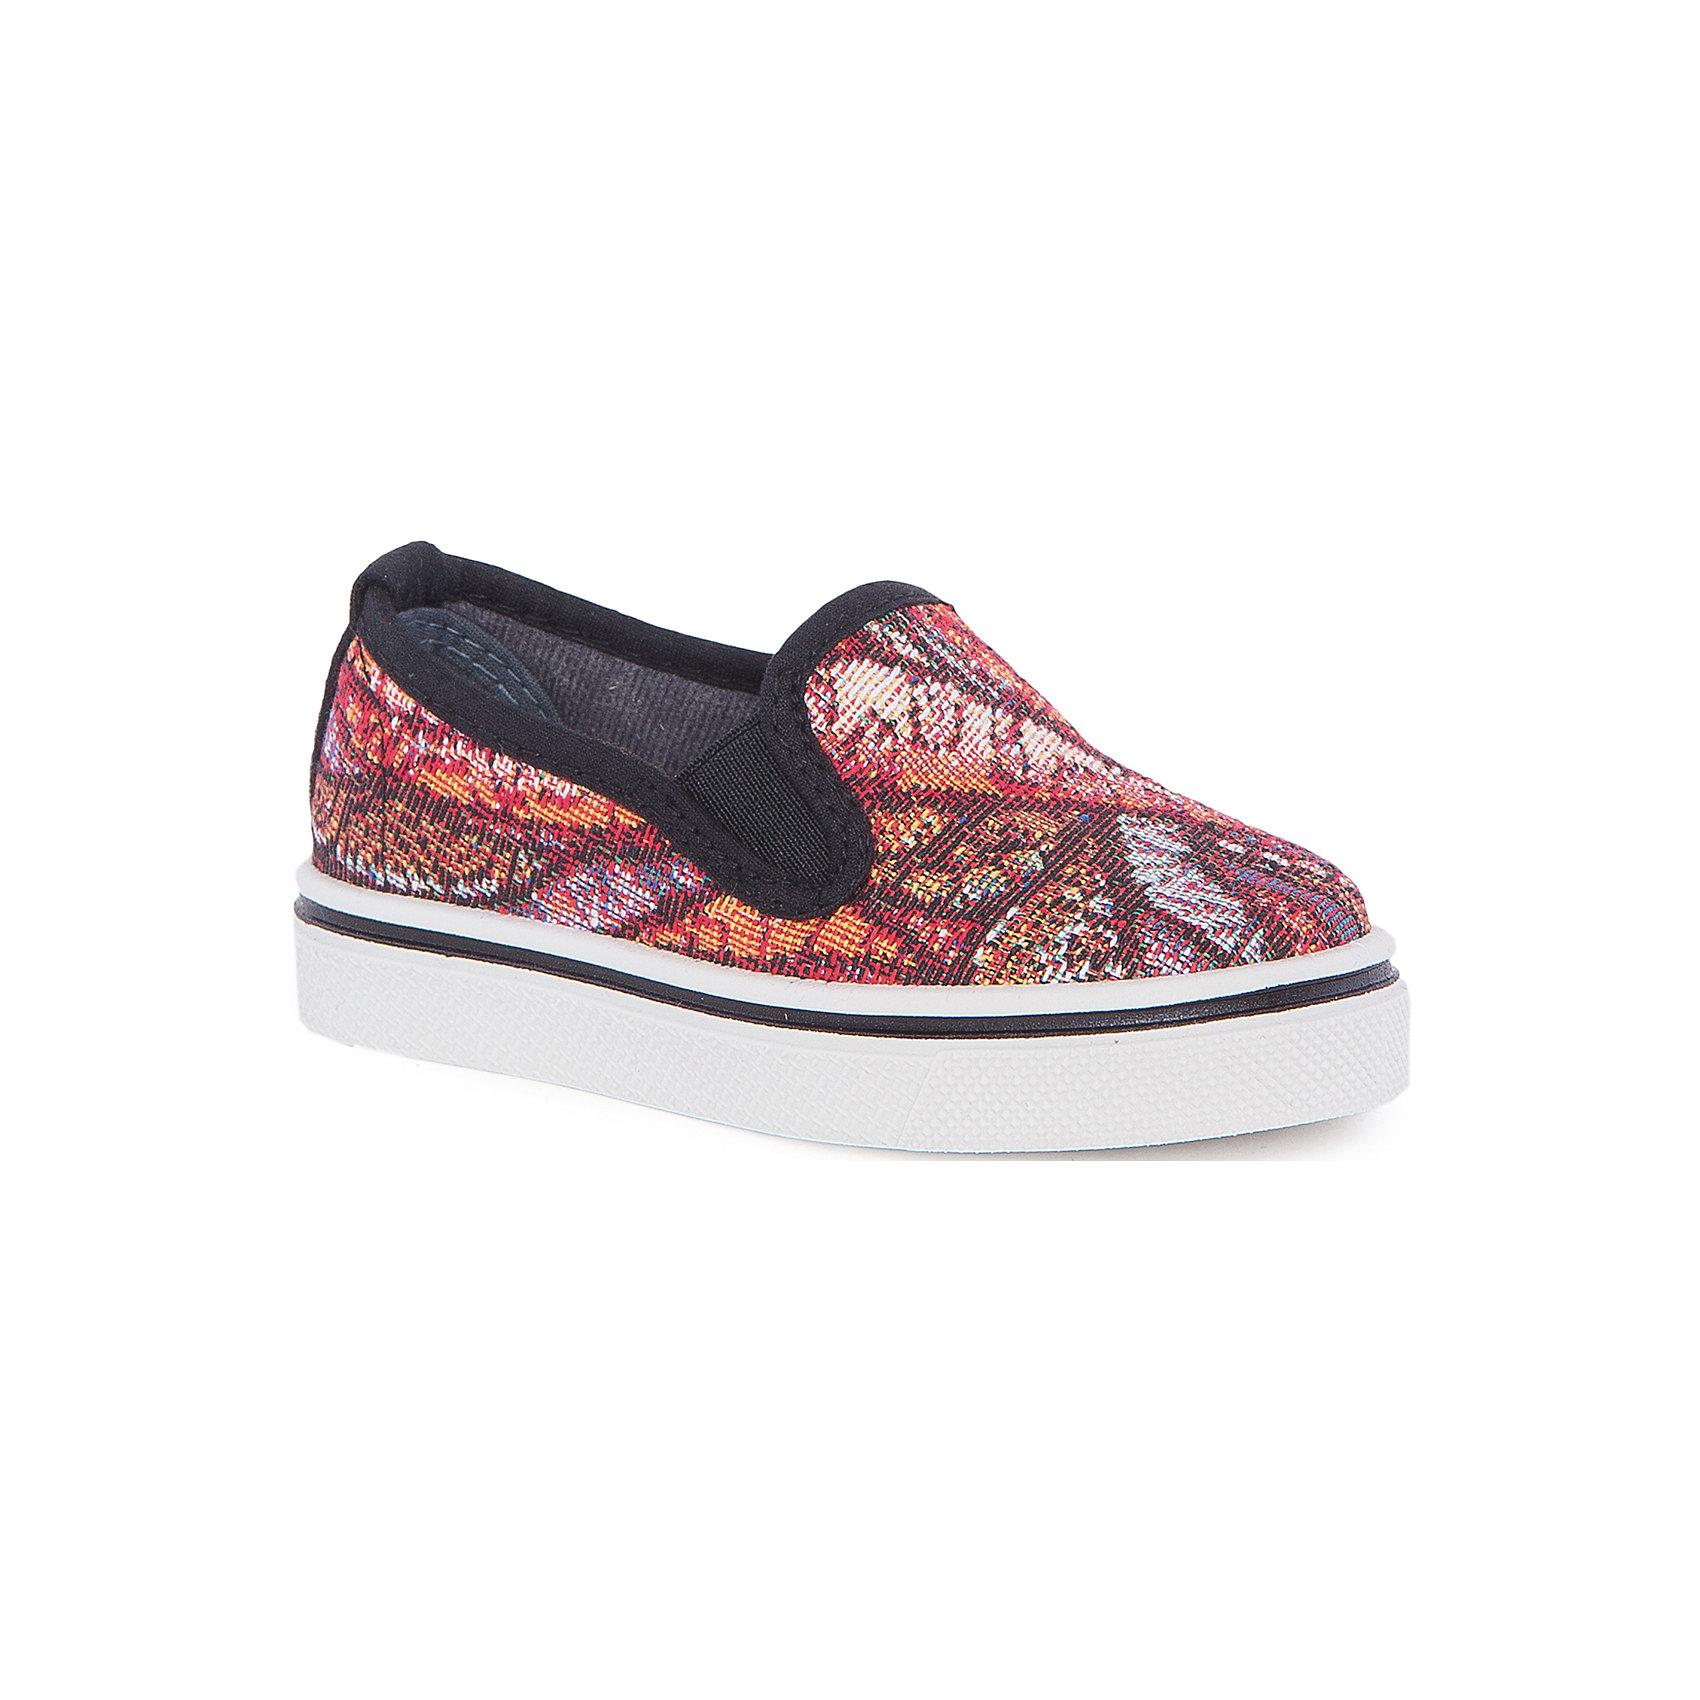 Туфли для девочки CHICCOТуфли для девочки CHICCO<br><br>Характеристики:<br><br>Тип застежки: без застежки<br>Тип обуви: спортивные<br>Особенности обуви: мягкие мокасины на резиновой подошве<br><br>Декоративные элементы: боковые резинки<br>Цвет: черный<br><br>Материал: 100% текстиль<br><br>Туфли для девочки CHICCO можно купить в нашем интернет-магазине.<br><br>Ширина мм: 227<br>Глубина мм: 145<br>Высота мм: 124<br>Вес г: 325<br>Цвет: черный<br>Возраст от месяцев: 120<br>Возраст до месяцев: 132<br>Пол: Женский<br>Возраст: Детский<br>Размер: 34,22,23,24,25,26,27,28,29,30,31,32,33<br>SKU: 5082883